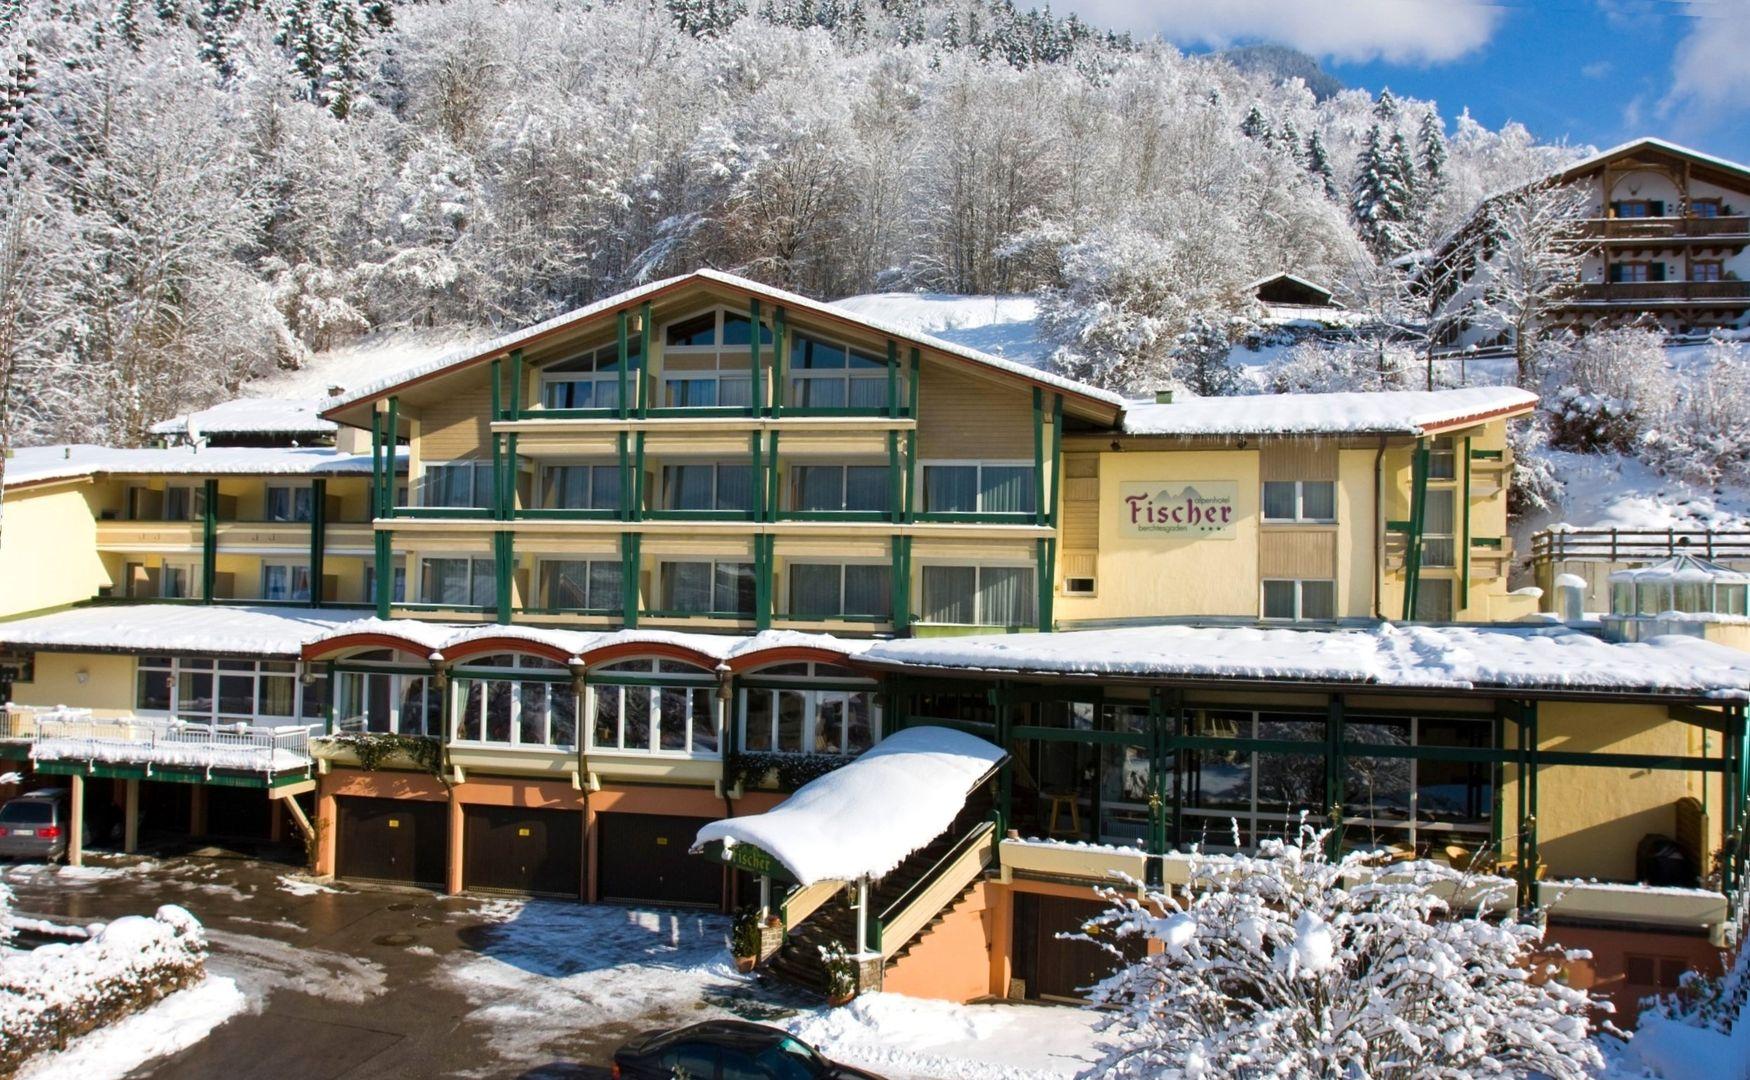 alpine hotel fischer